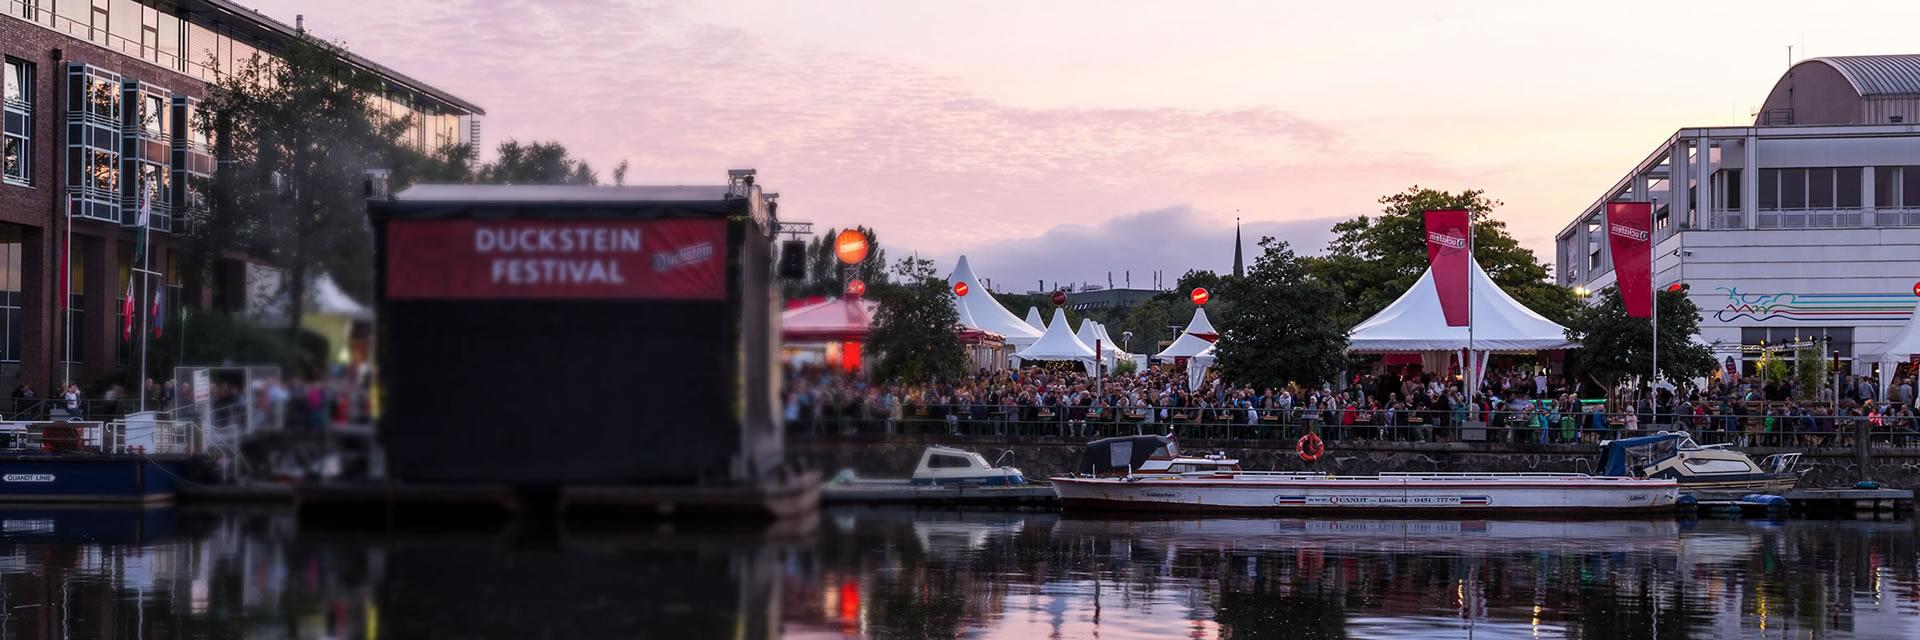 Duckstein Festival in Lübeck